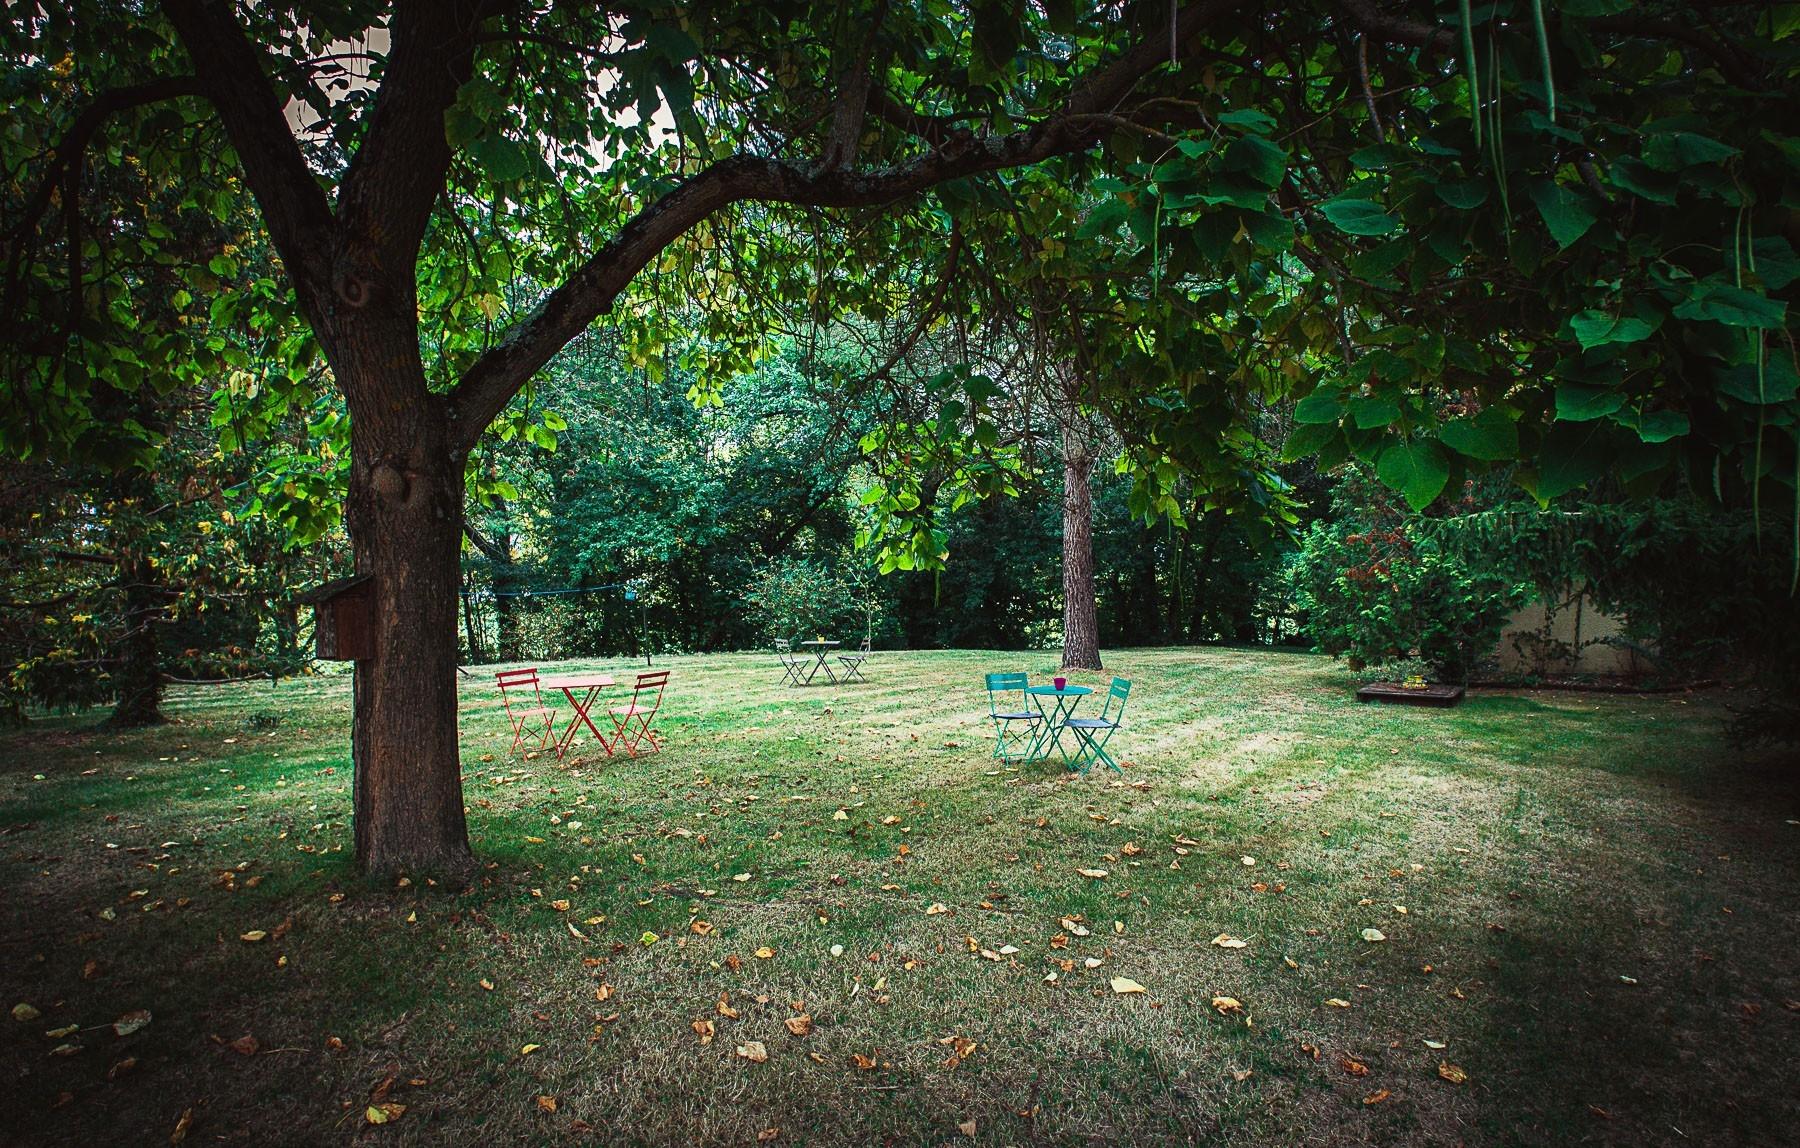 Le parc du Domaine Quiescis, chambres d'hôtes et hébergements insolites